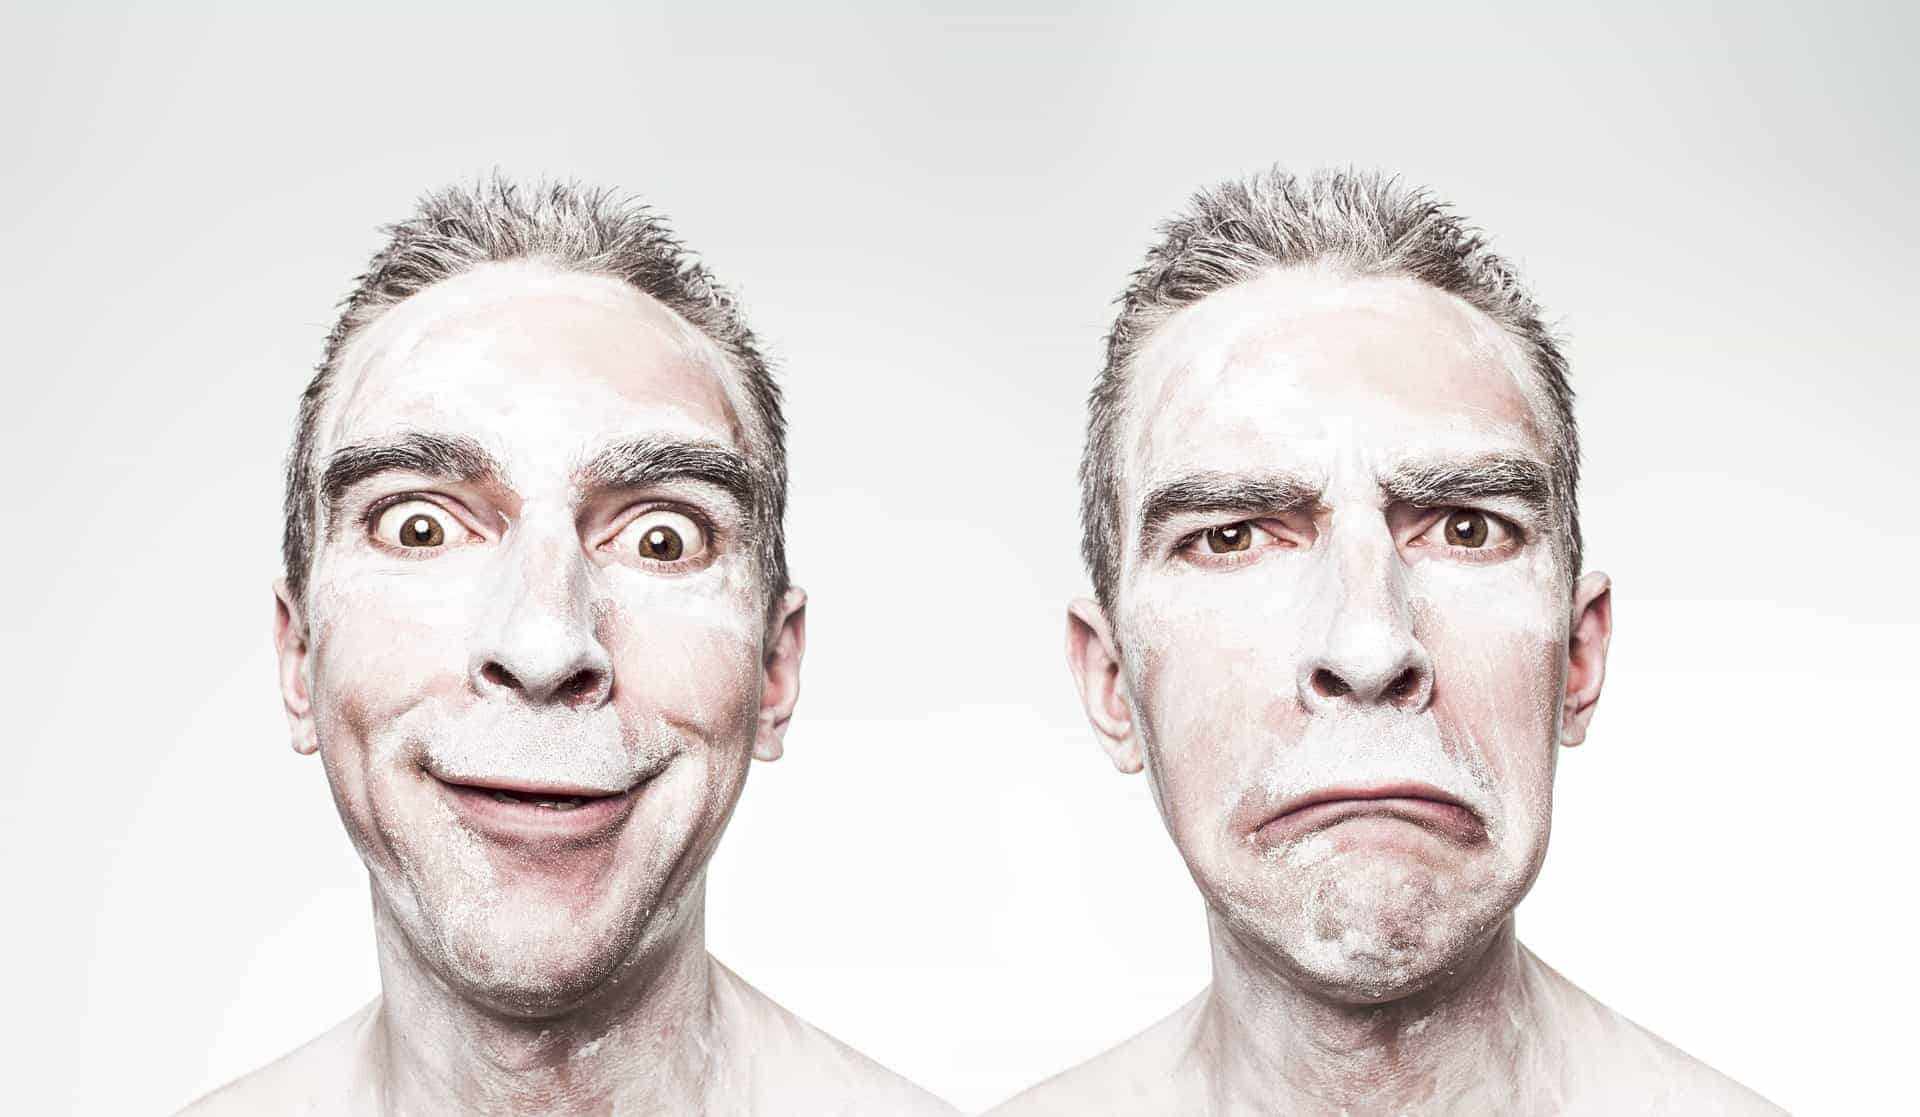 Quel est le rôle des émotions? Le rôle des émotions est de nous aider à nous adapter aux circonstances de la vie en nous mettant en contact...